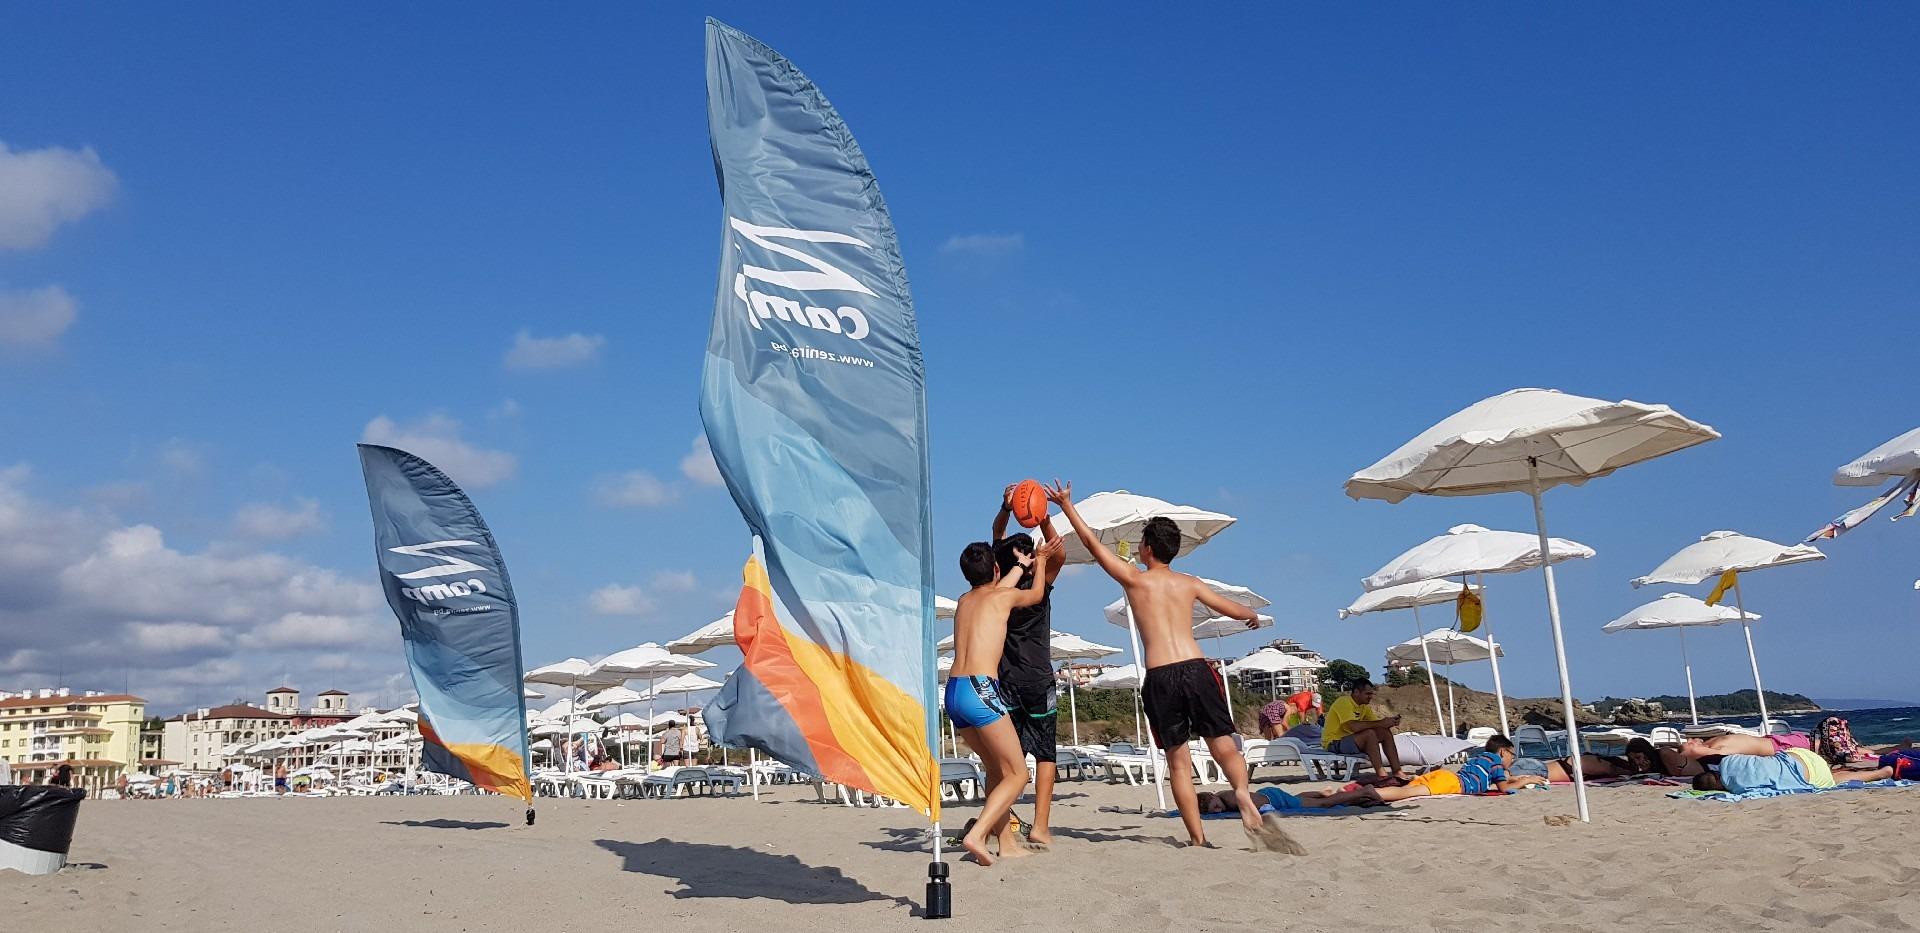 летни езикови лагери за деца Z кемп, Ден 37 - на плажа - три момчета хващат топката, до тях знамето на лагера Z camp